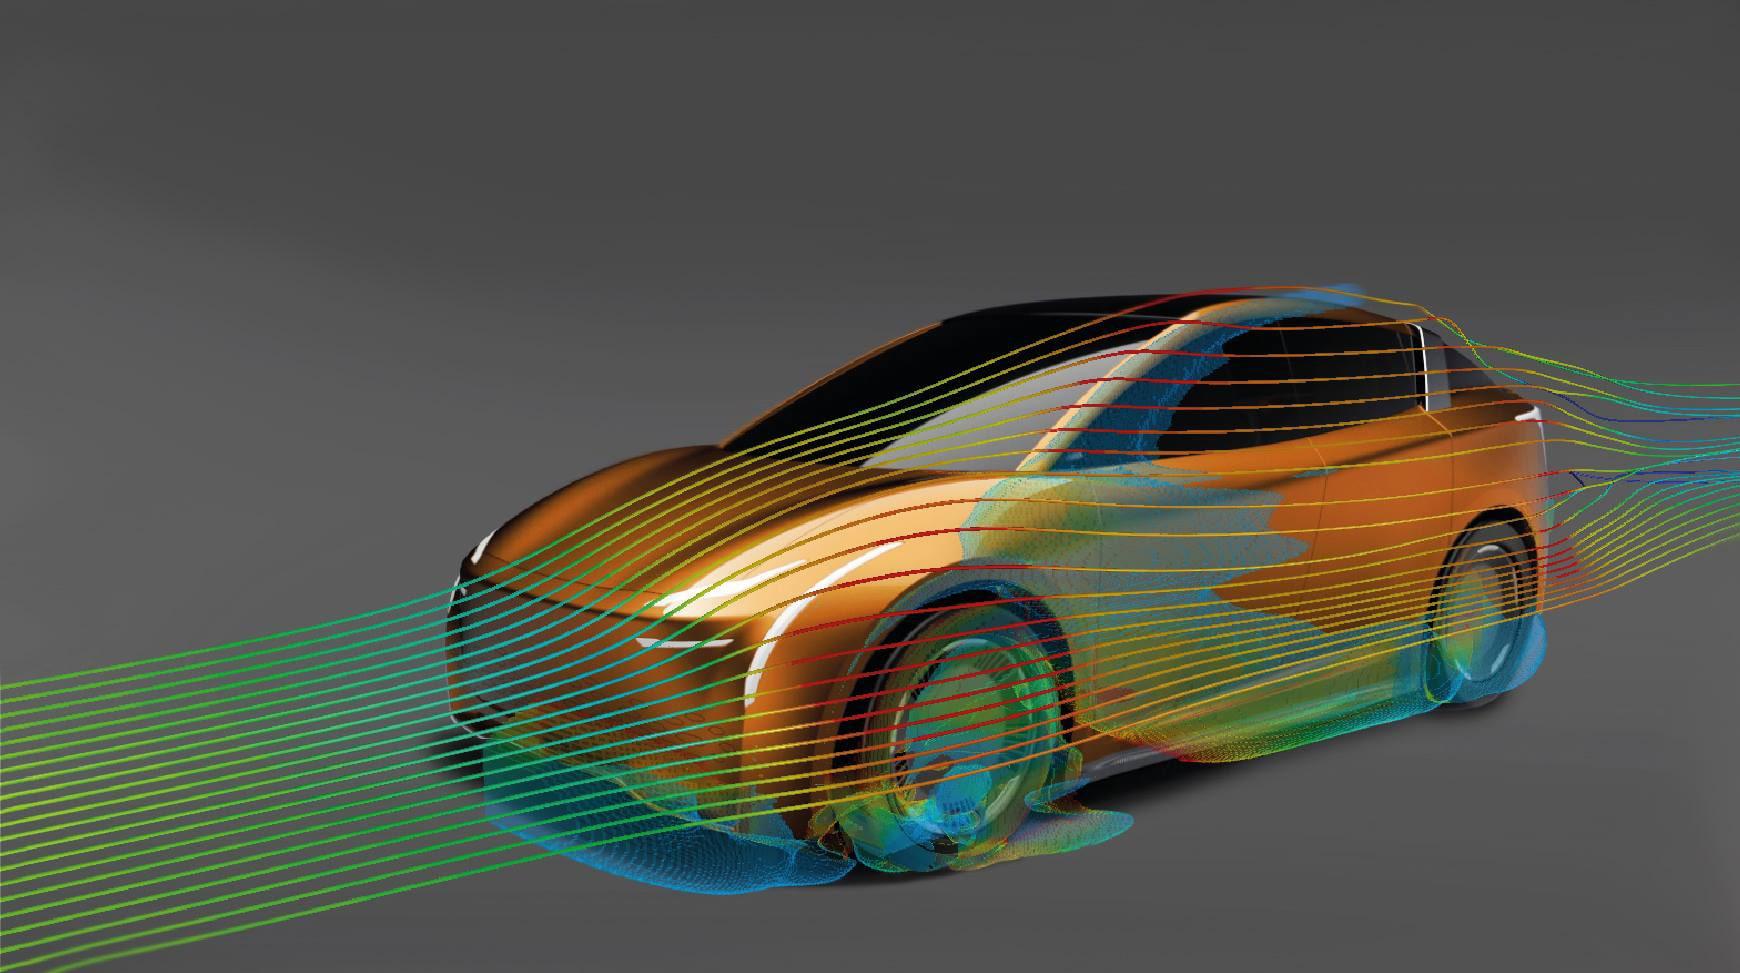 Webinar on demand |  Realizzare innovazioni aerodinamiche per veicoli elettrici [by siemens]